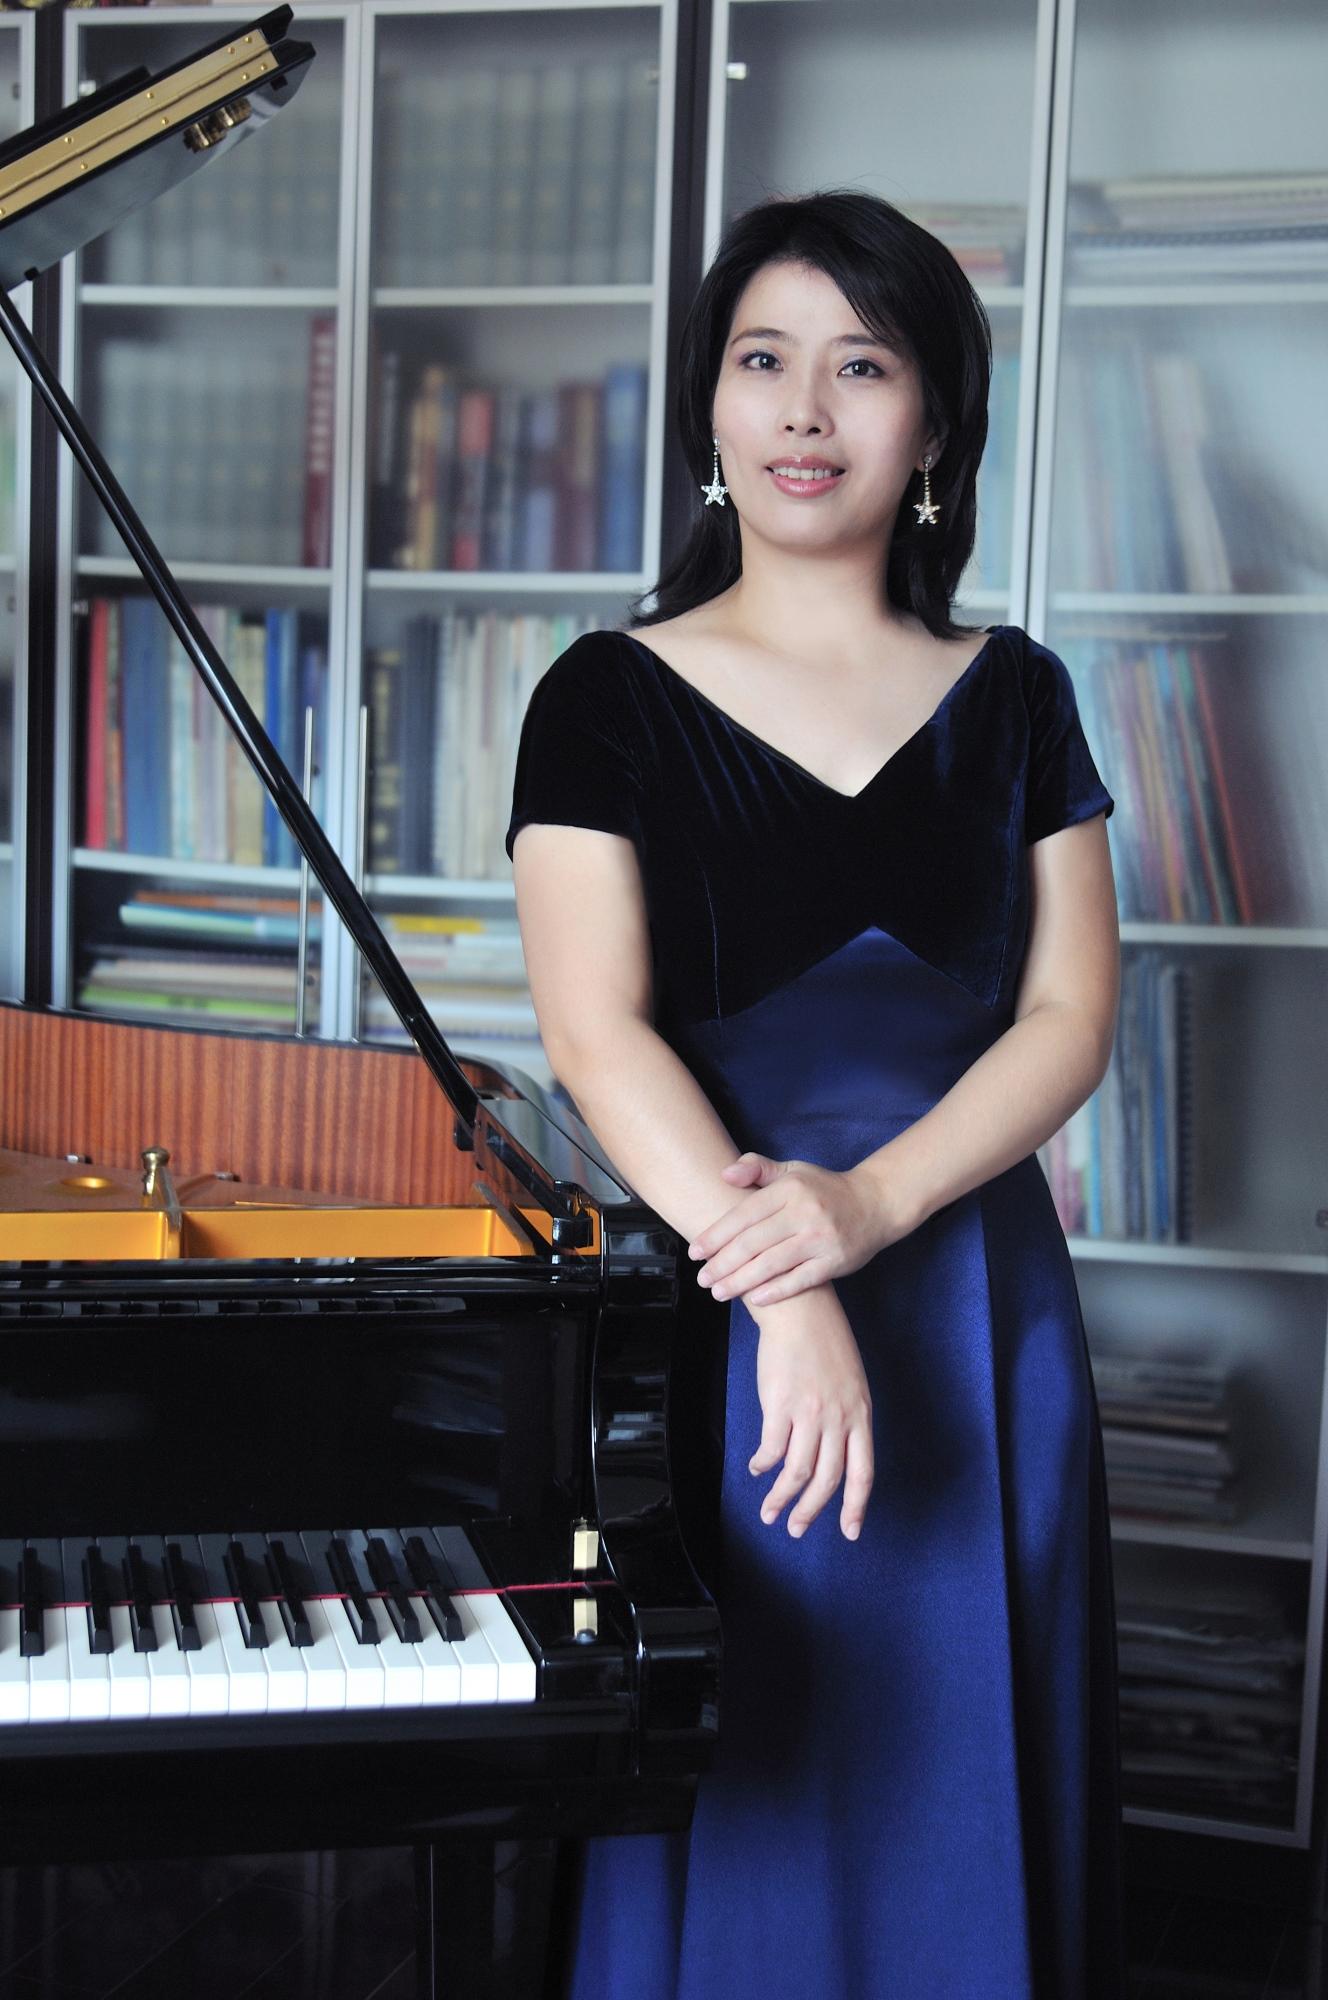 黃瑩(Huang Ying)